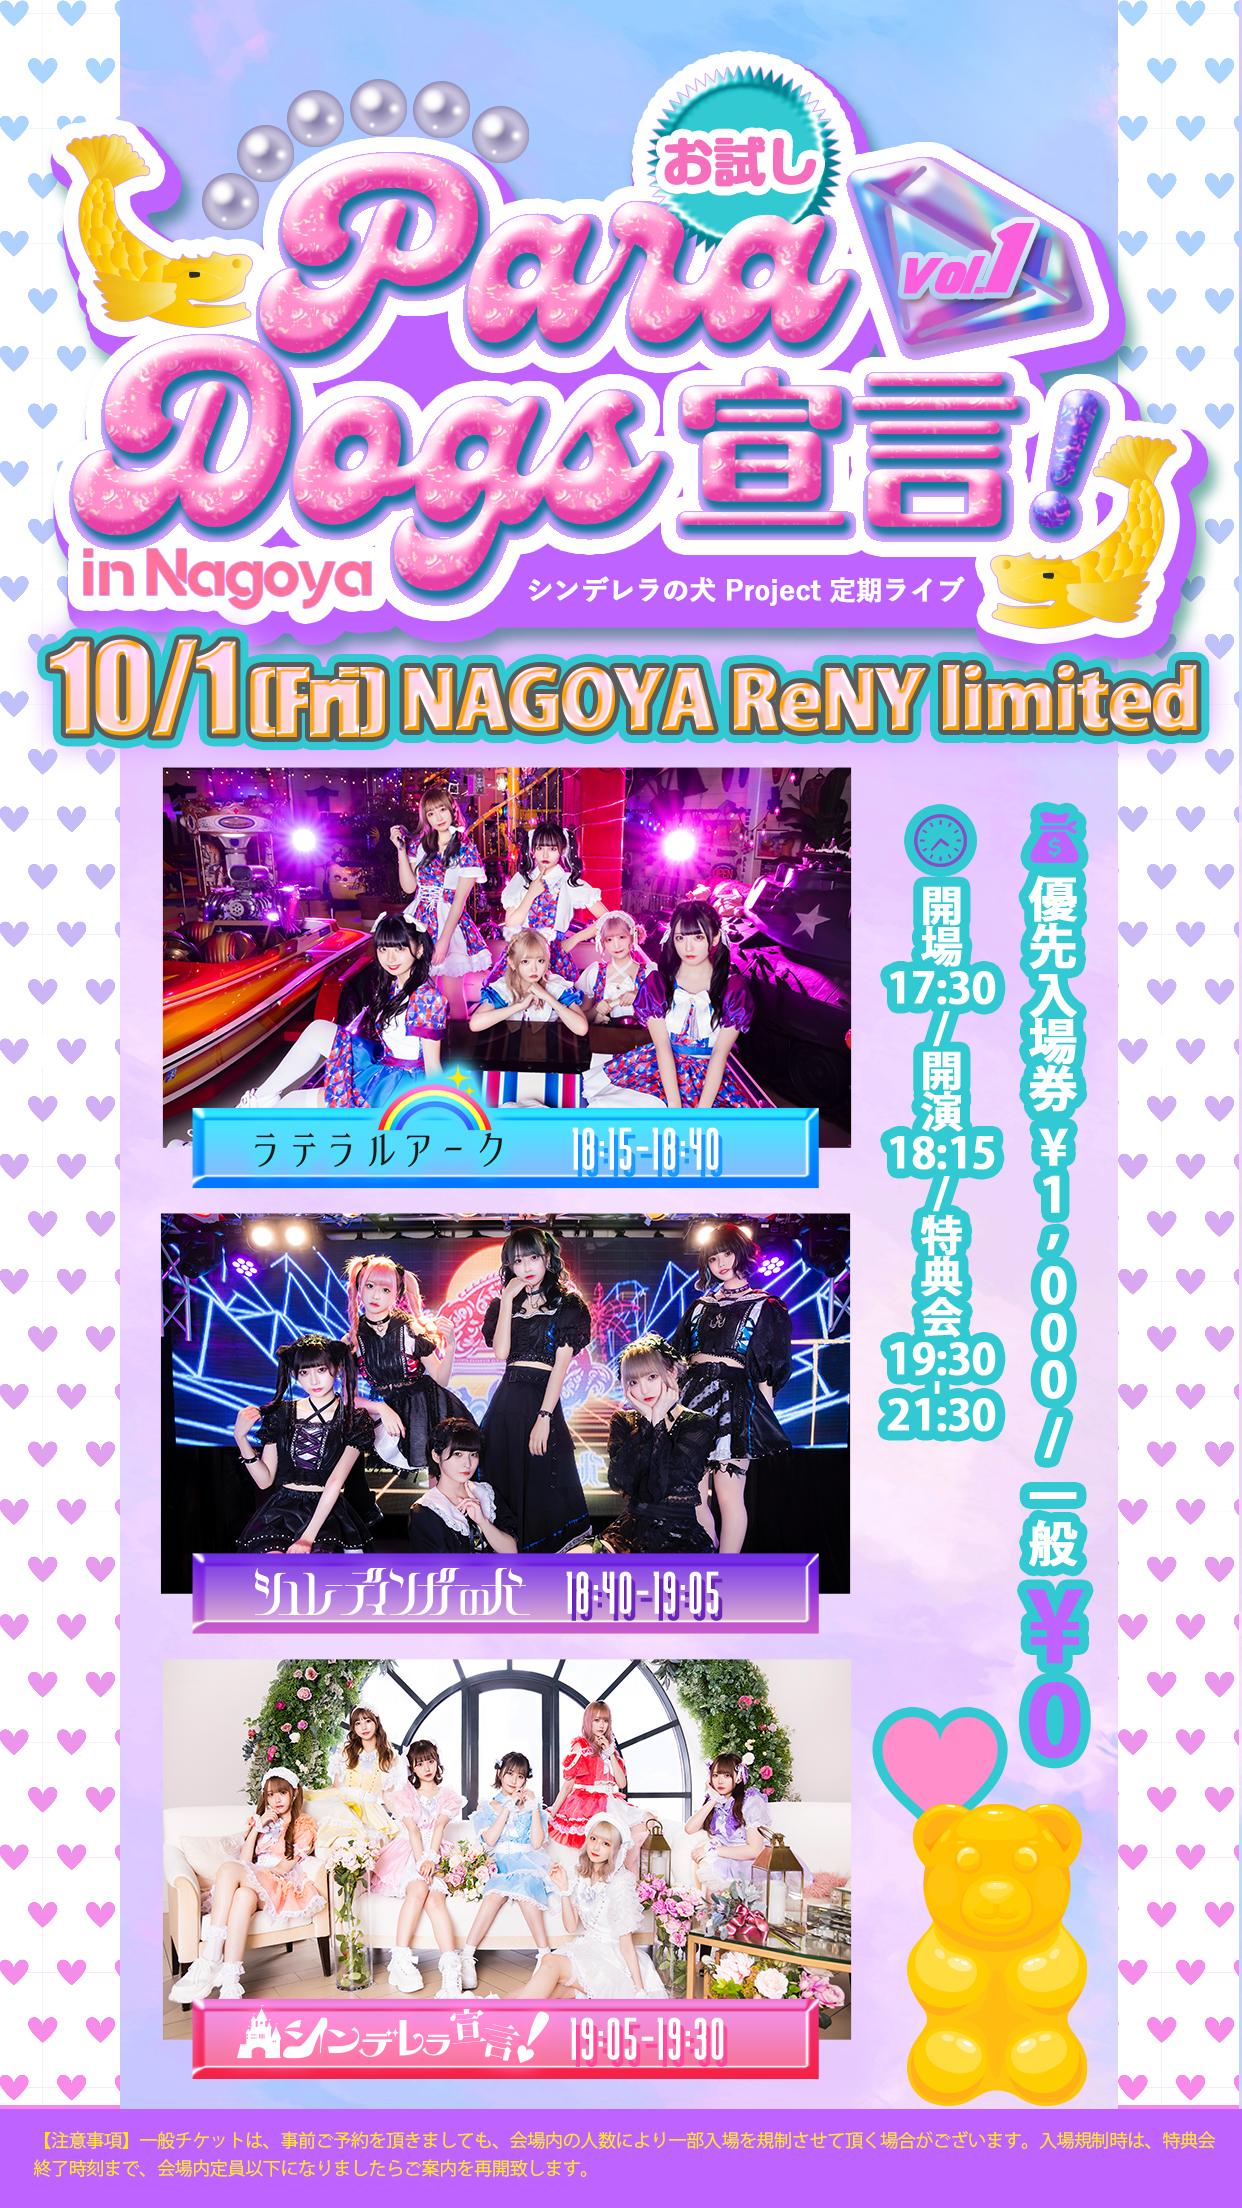 シンデレラの犬 Project 定期ライブ『お試しParaDogs宣言!』Vol.1 in Nagoya